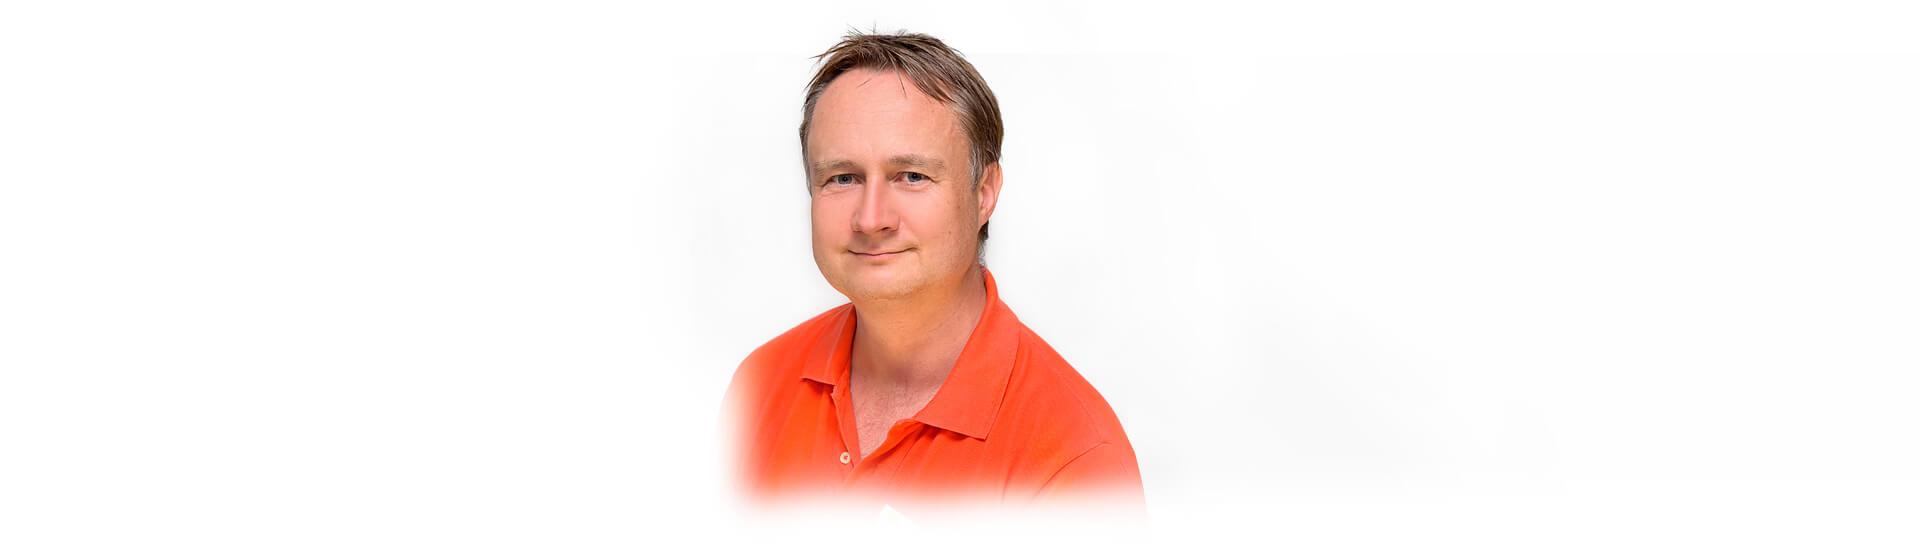 Sven Heusinger